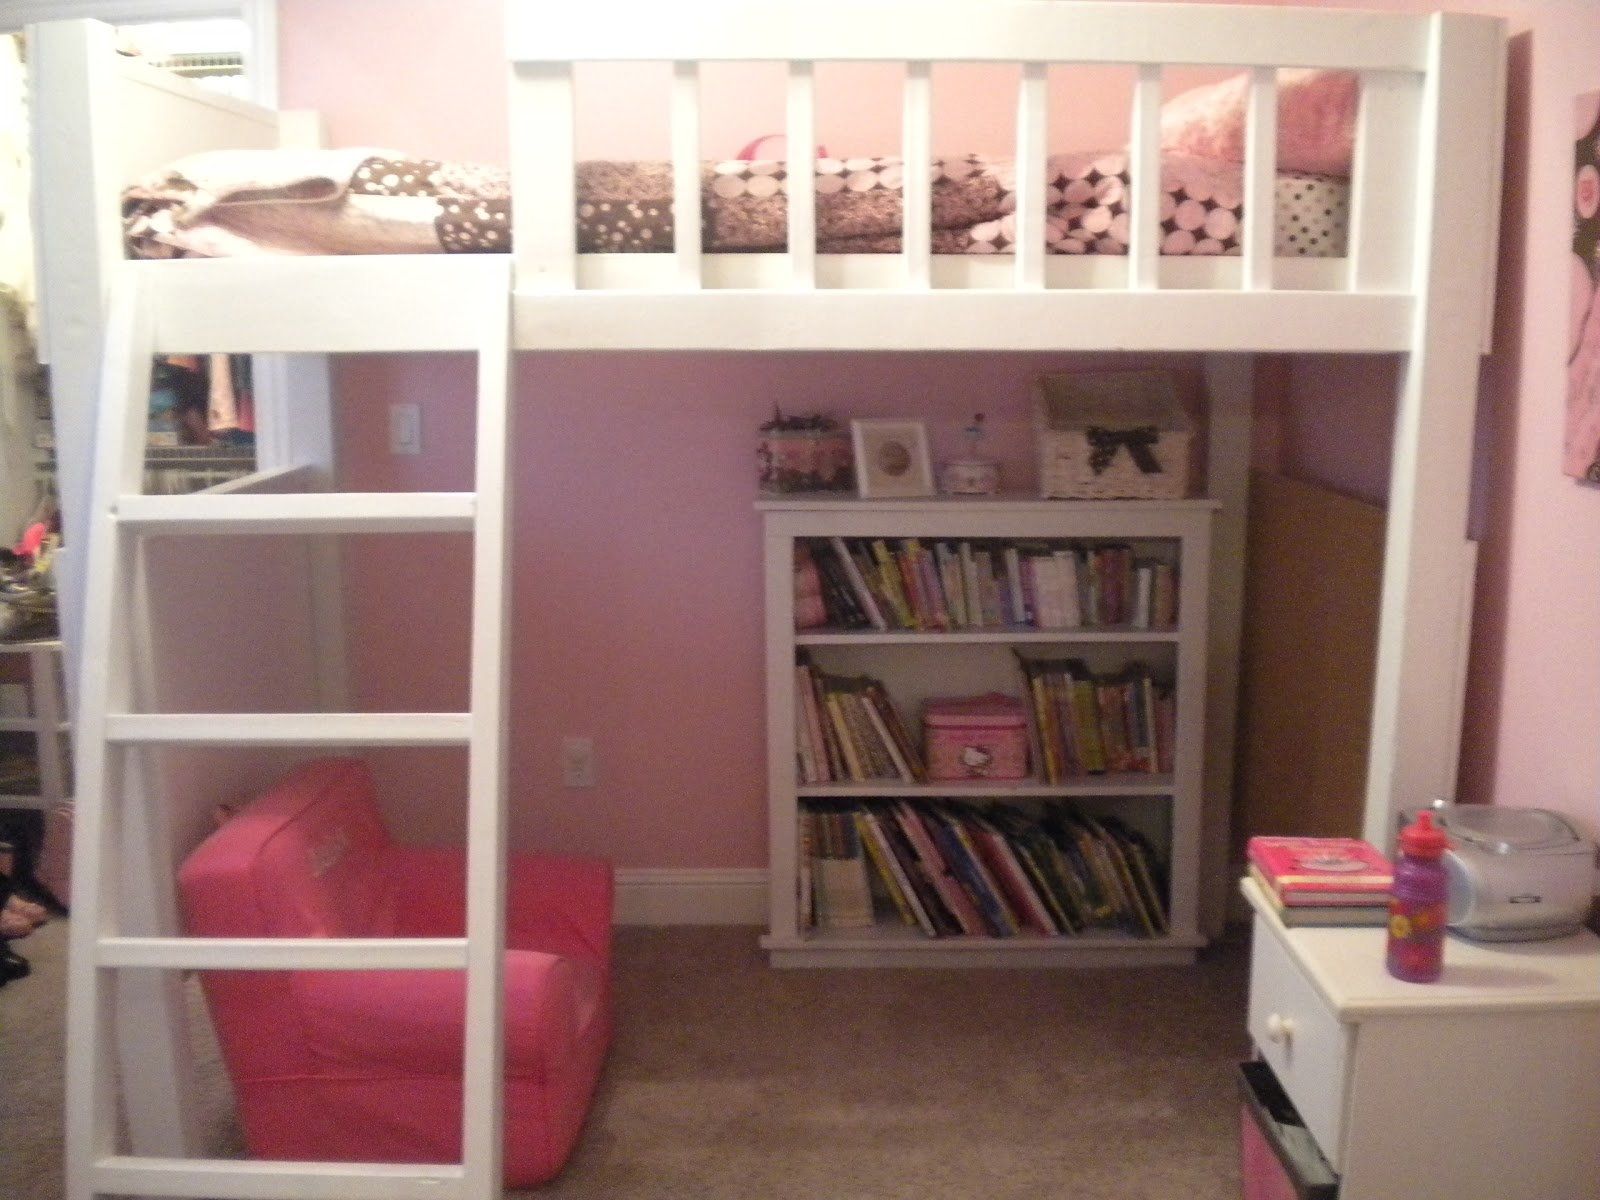 Loft Beds On Pinterest Loft Bed Plans Loft And Bunk Bed